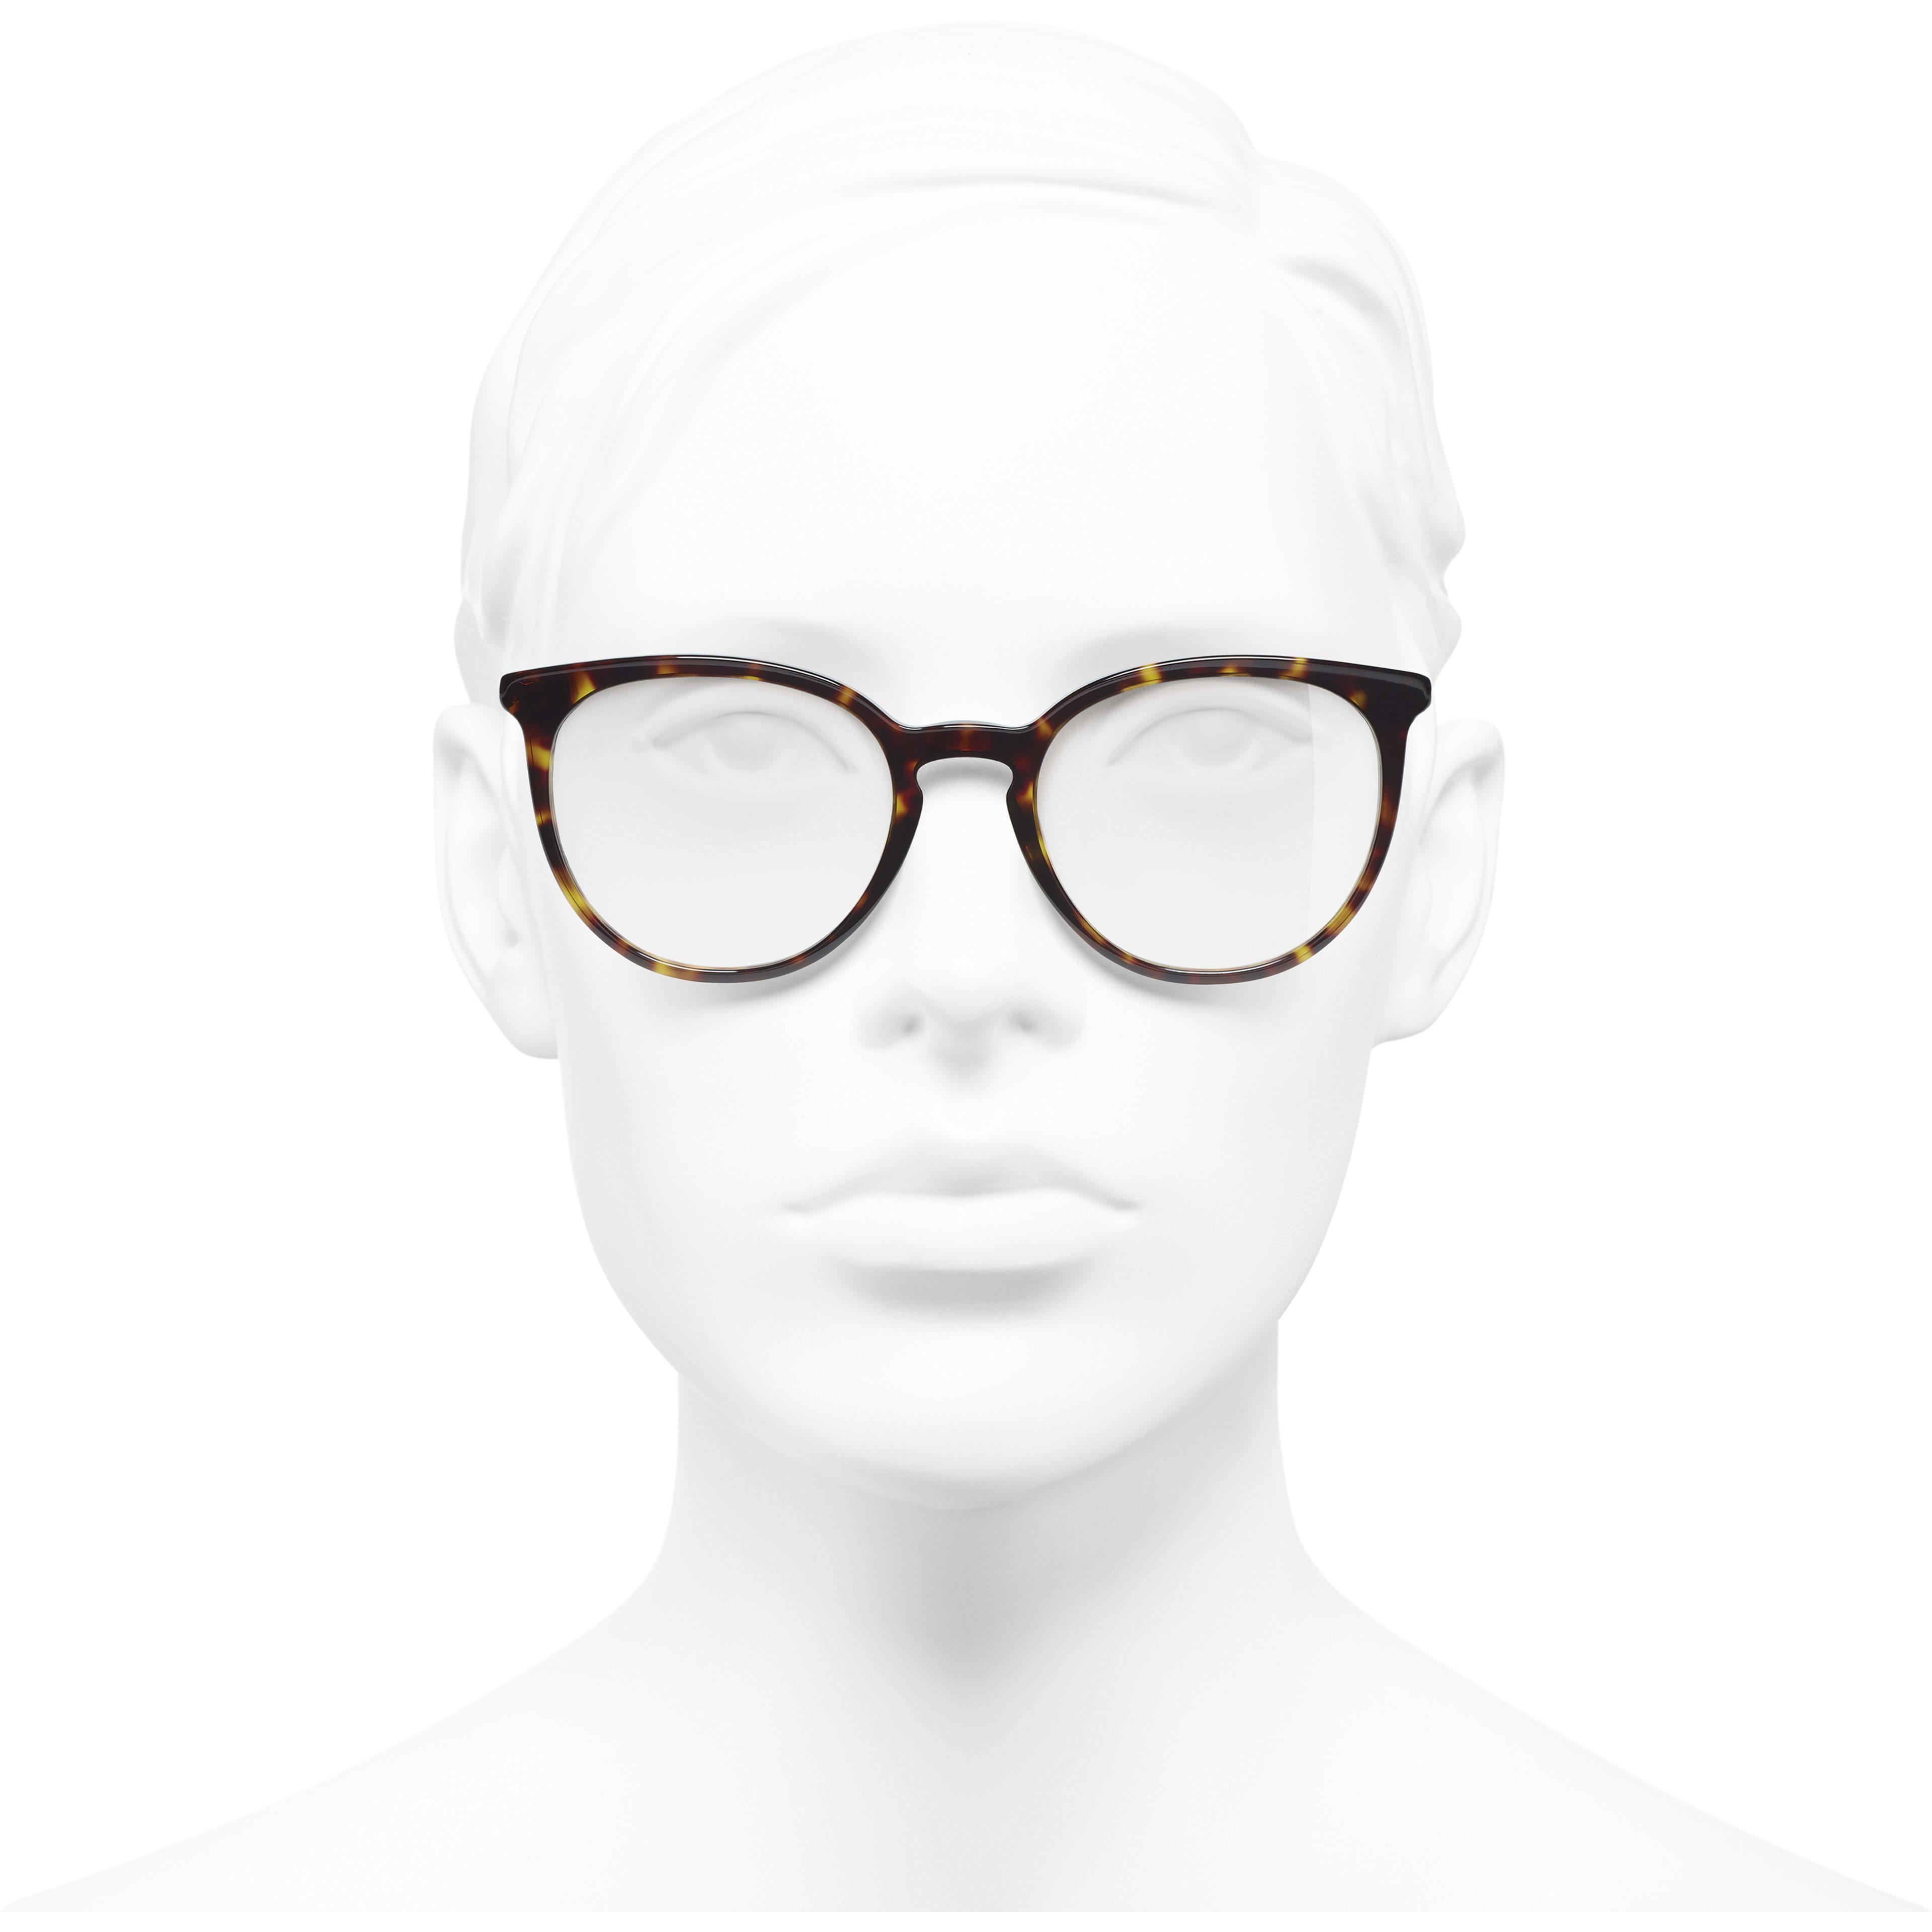 แว่นสายตาทรง Pantos (แพนโทส) - สีกระเข้ม - อะซิเตทและมุก - มุมมองการสวมใส่ด้านหน้า - ดูเวอร์ชันขนาดมาตรฐาน